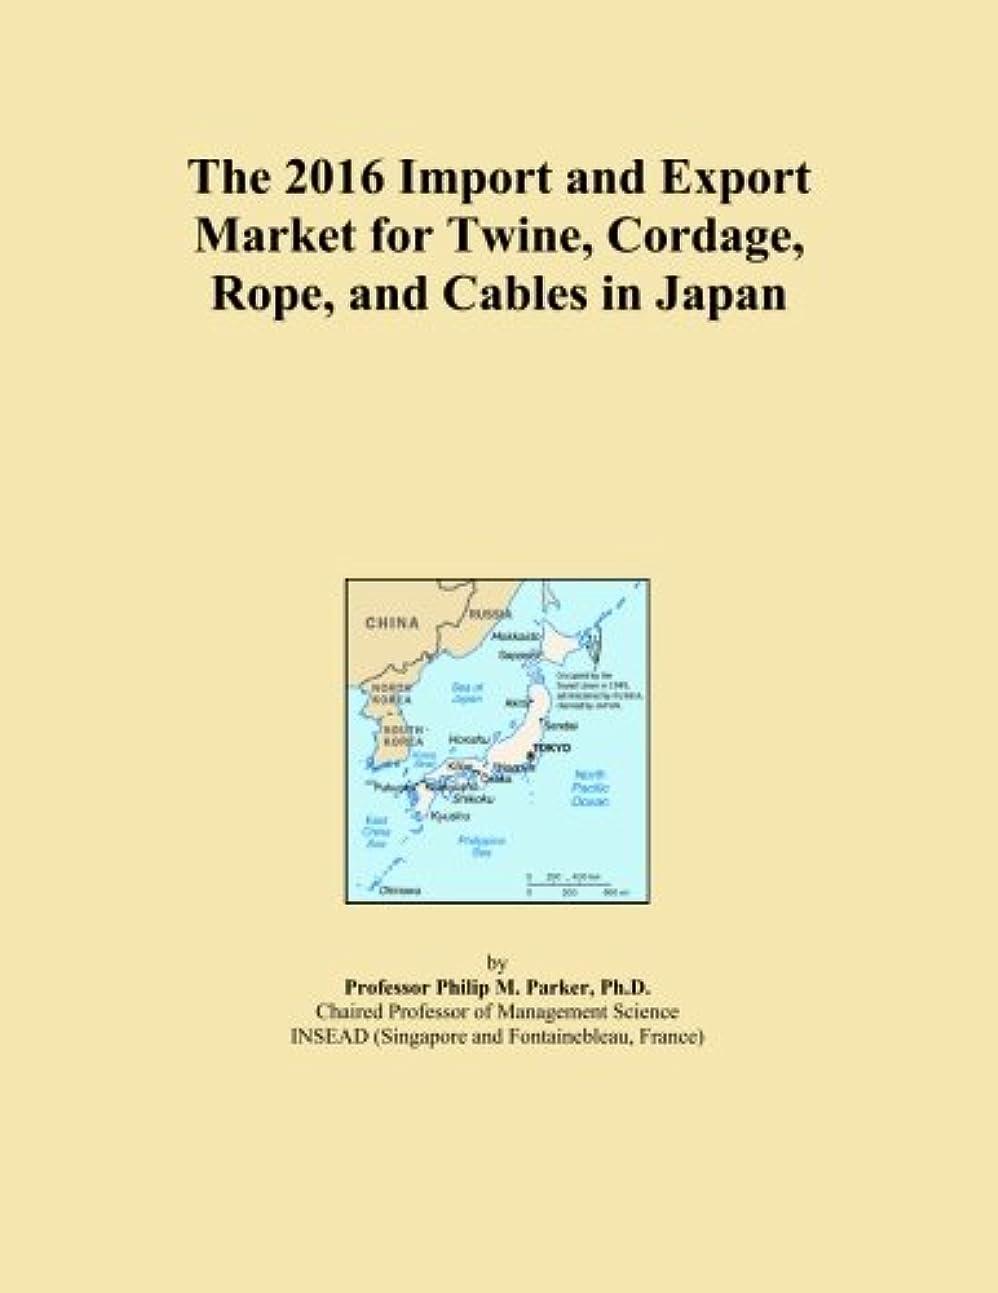 エジプト生まれウェイドThe 2016 Import and Export Market for Twine, Cordage, Rope, and Cables in Japan